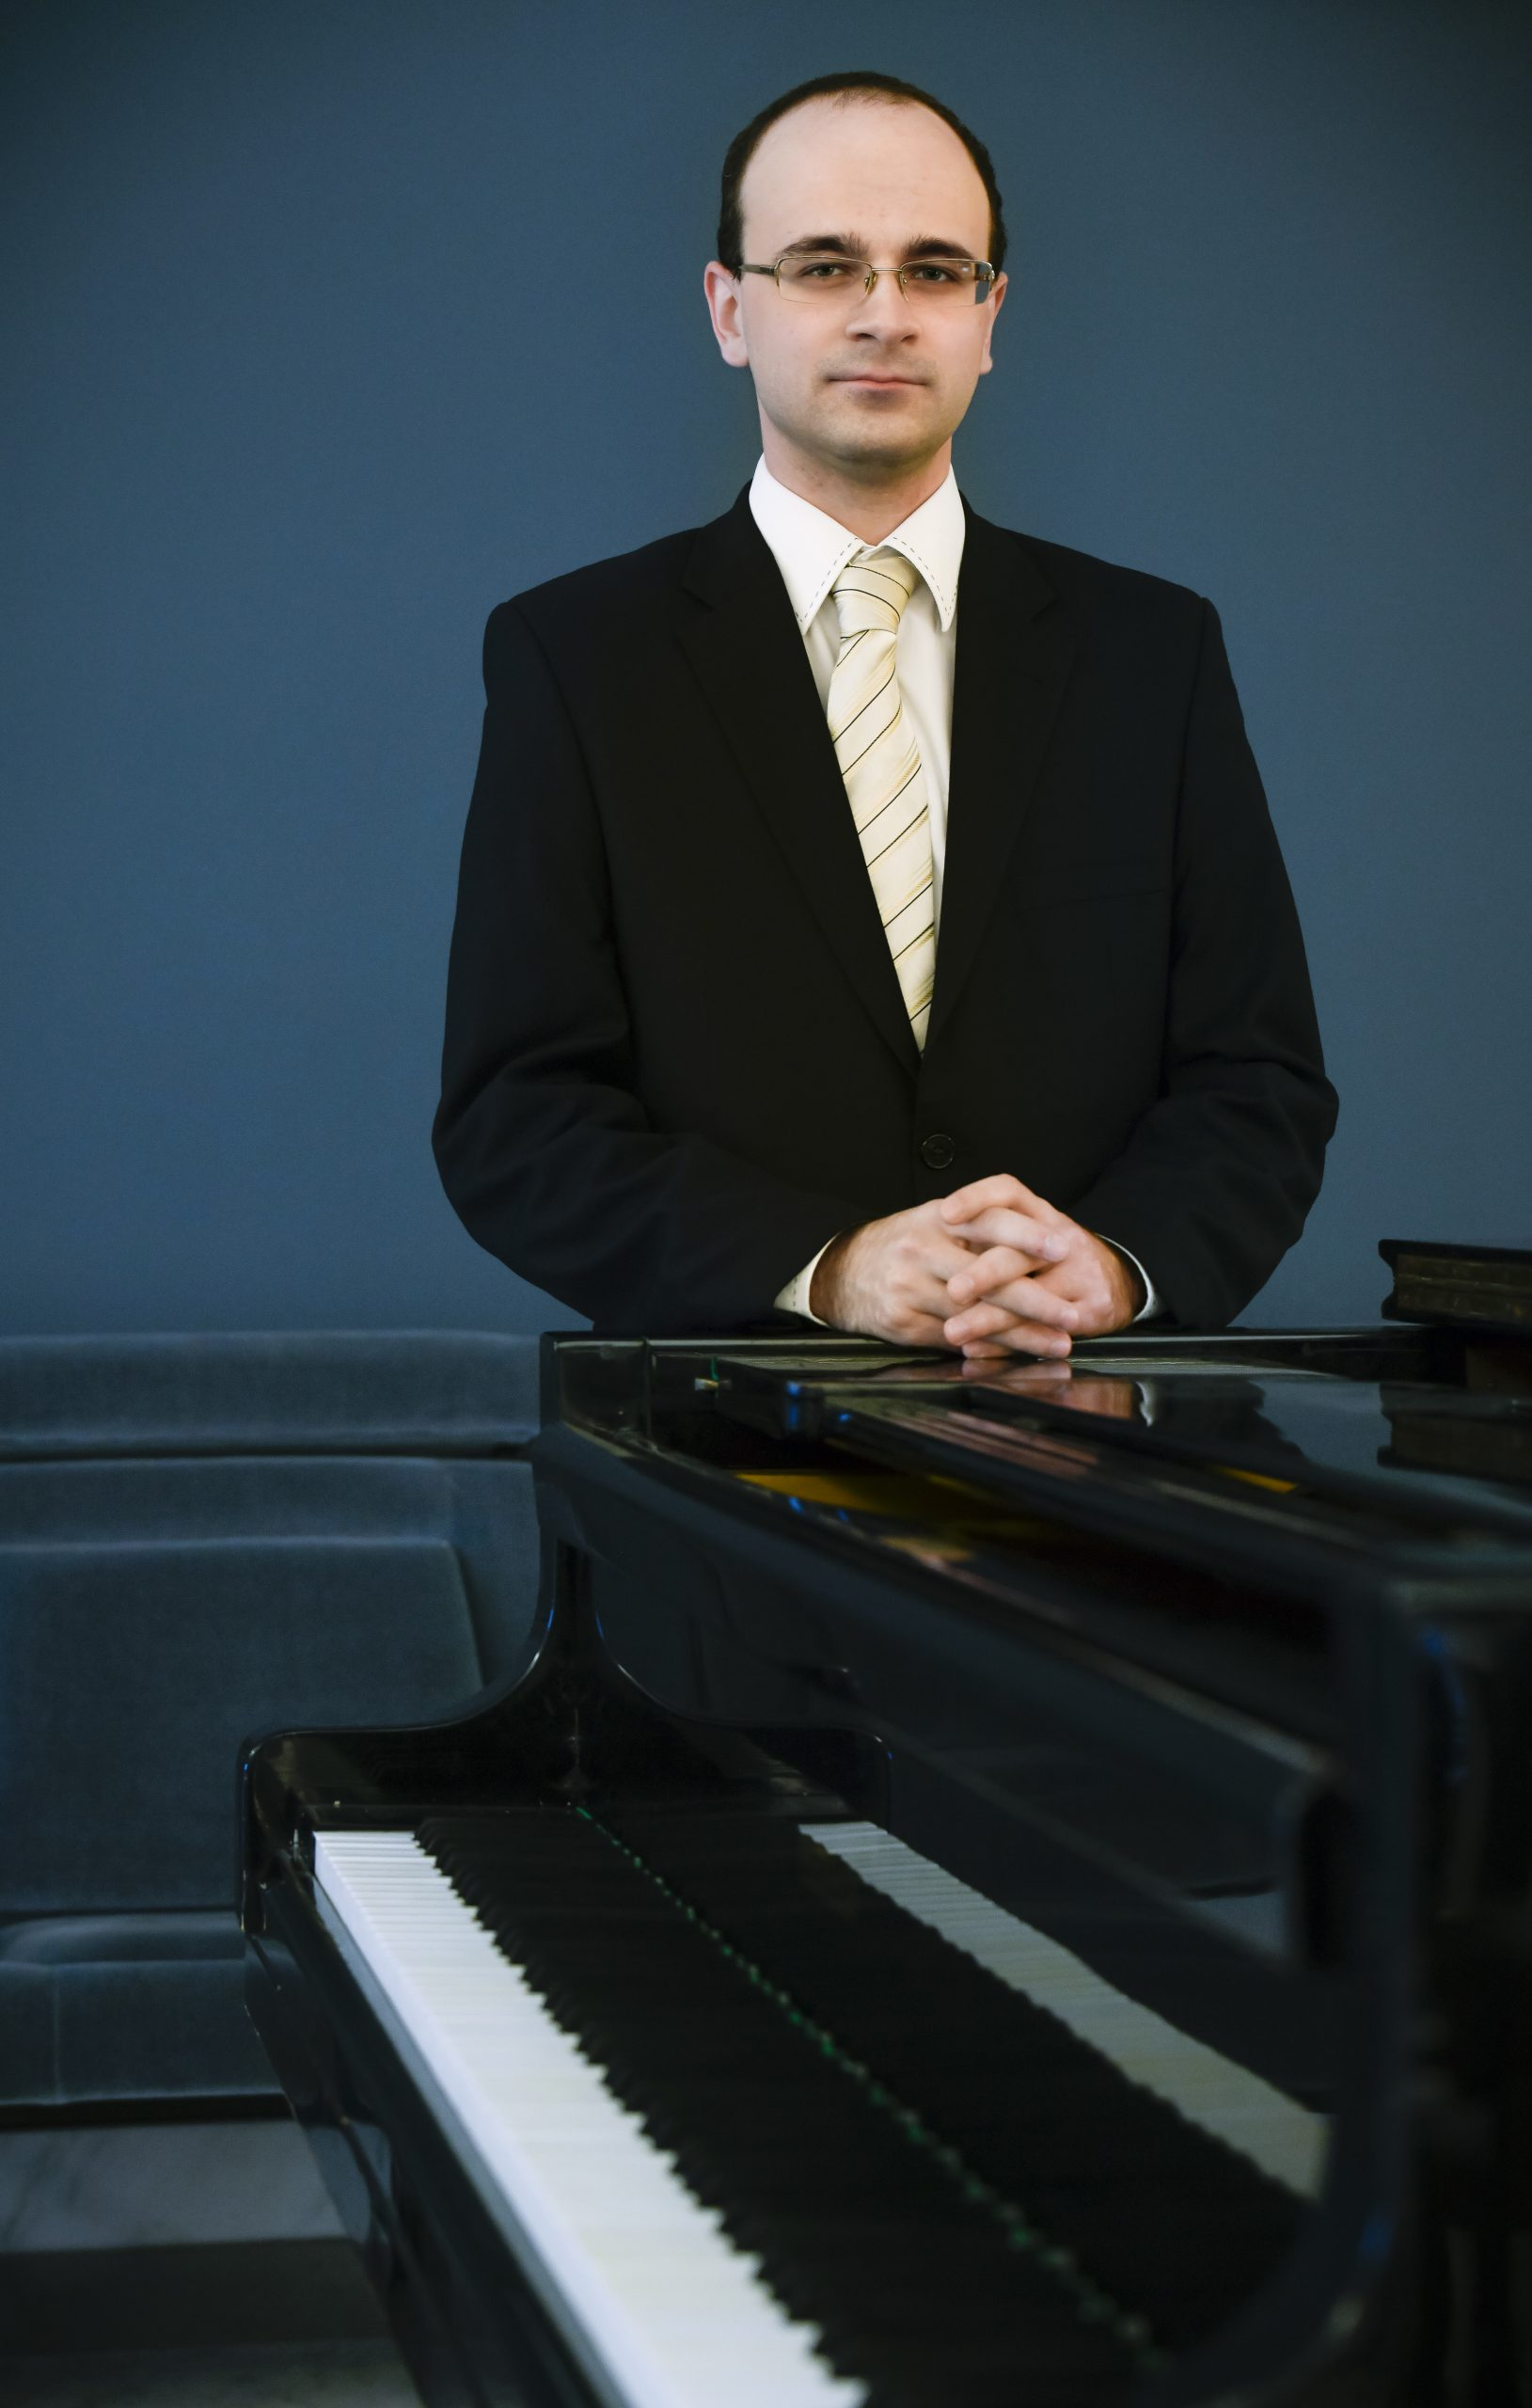 Kostiantyn Tyshko